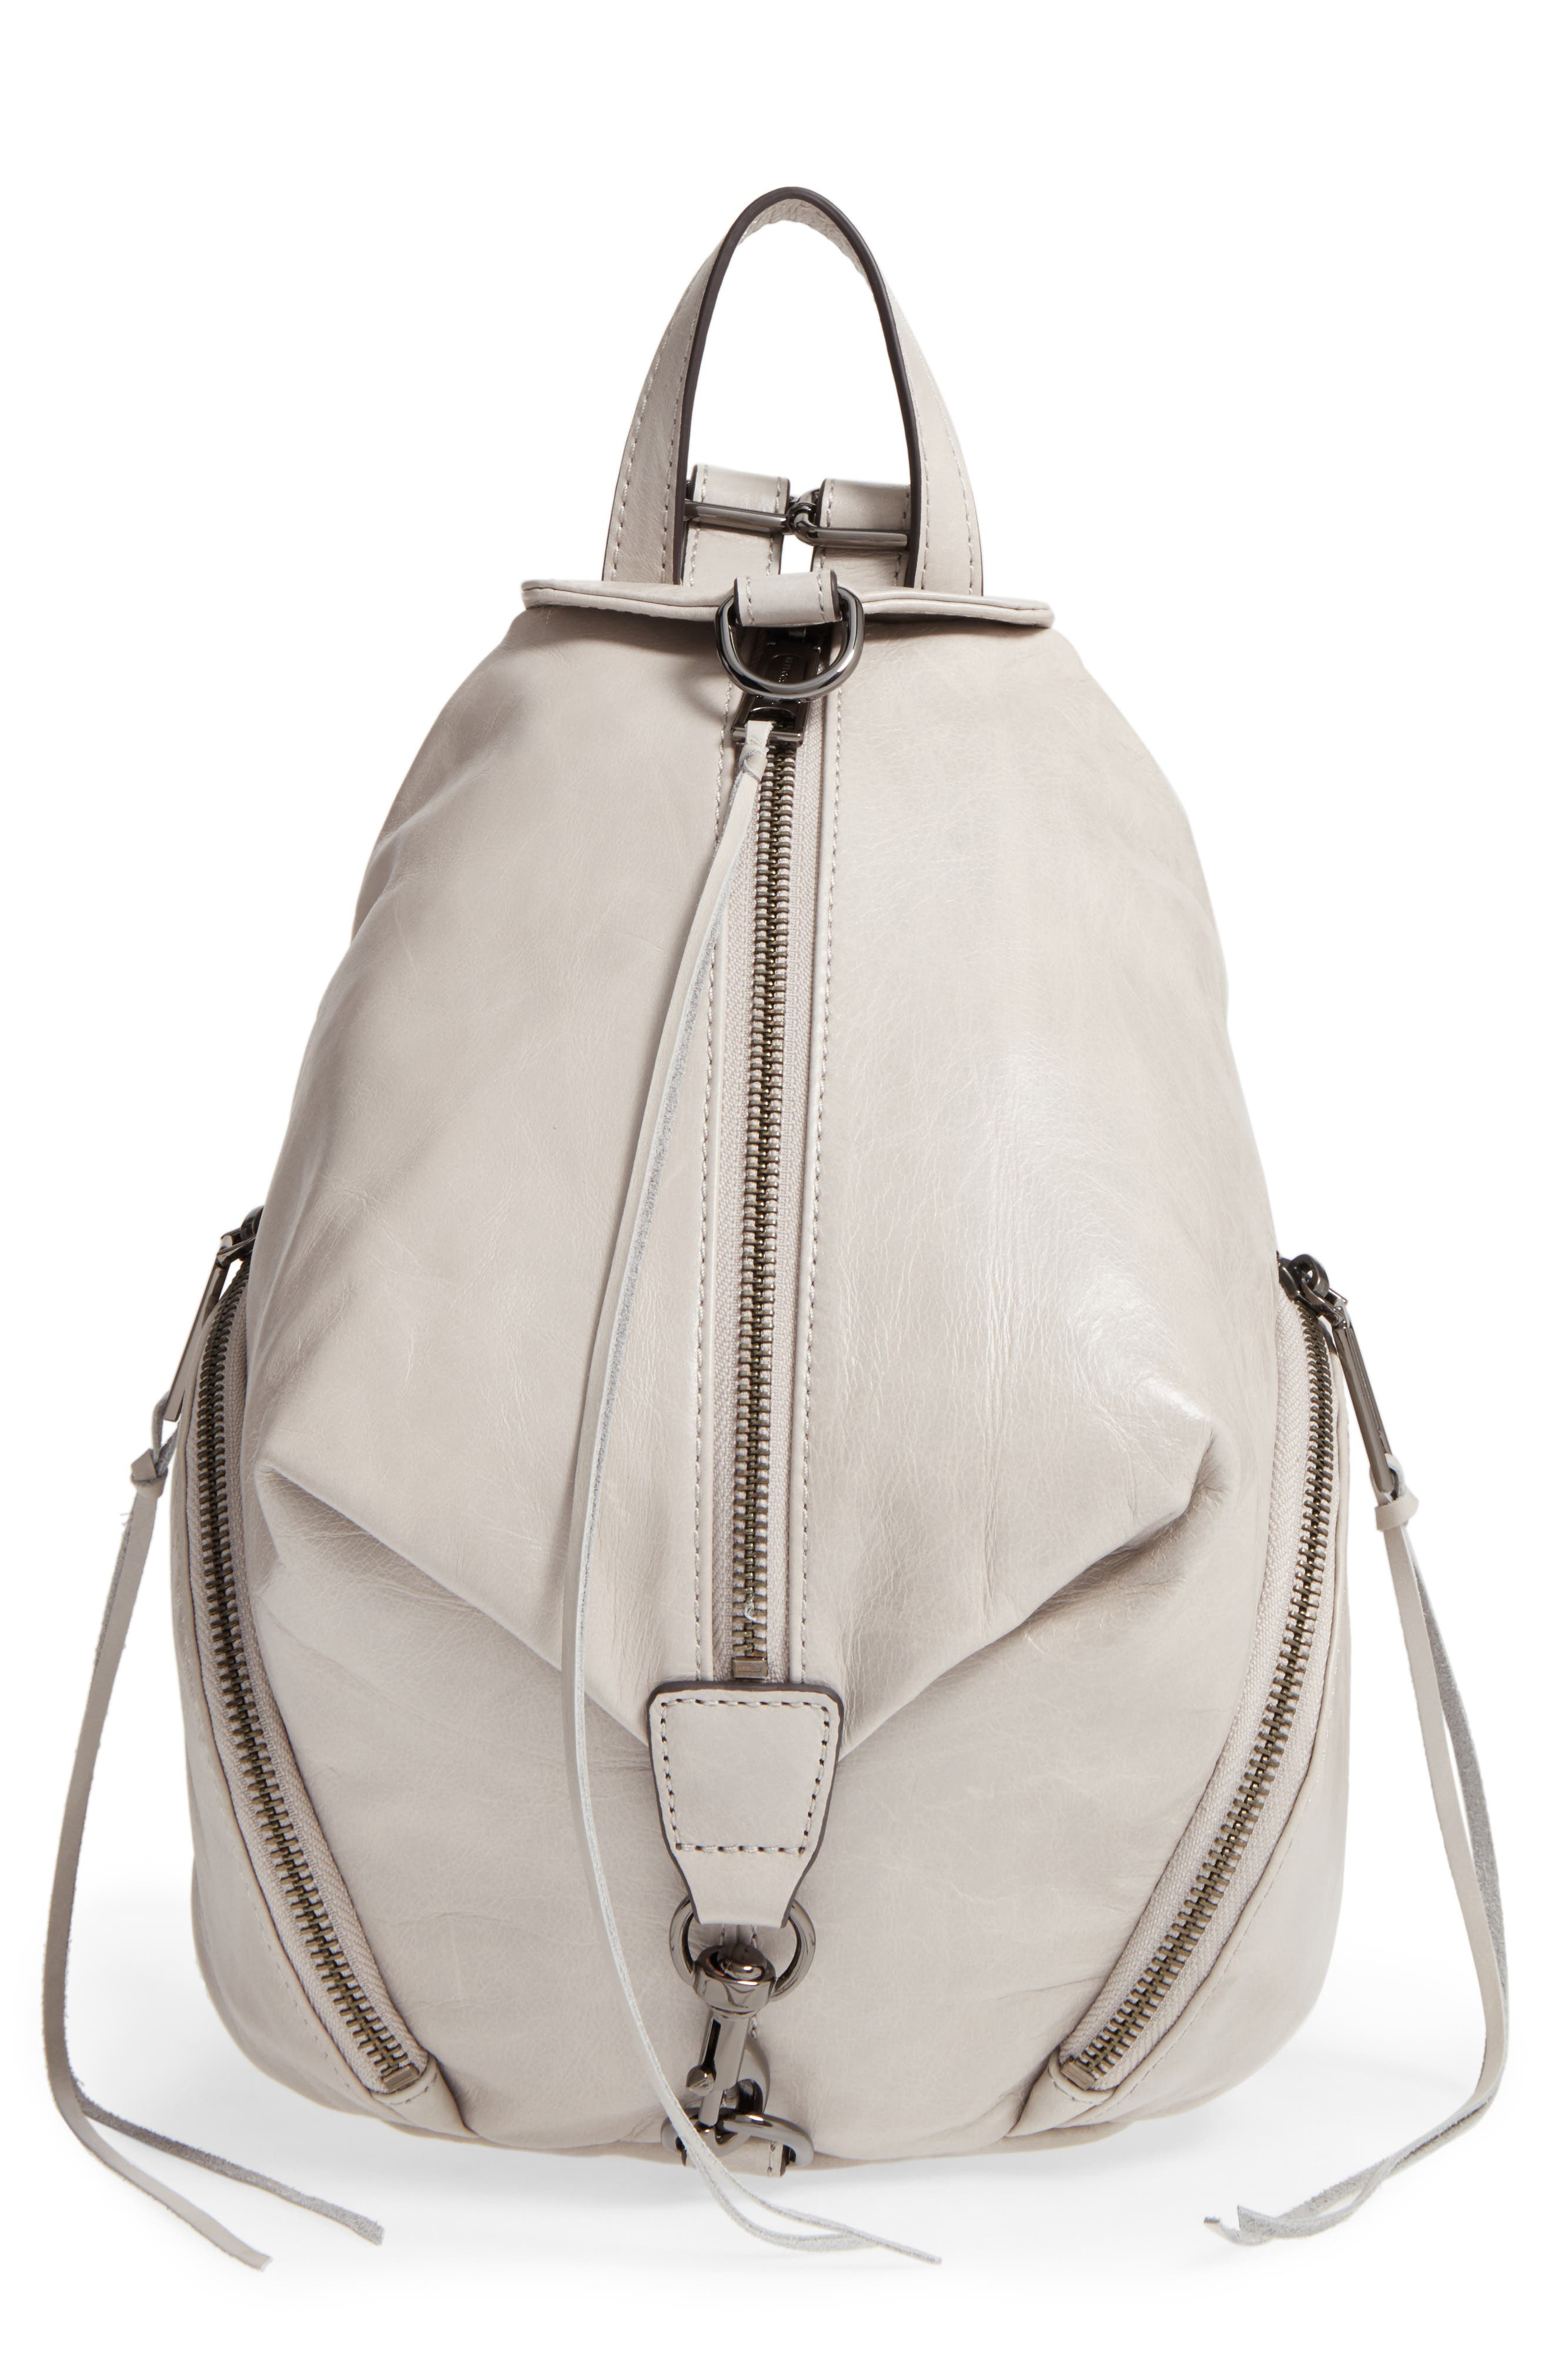 REBECCA MINKOFF Medium Julian Leather Backpack